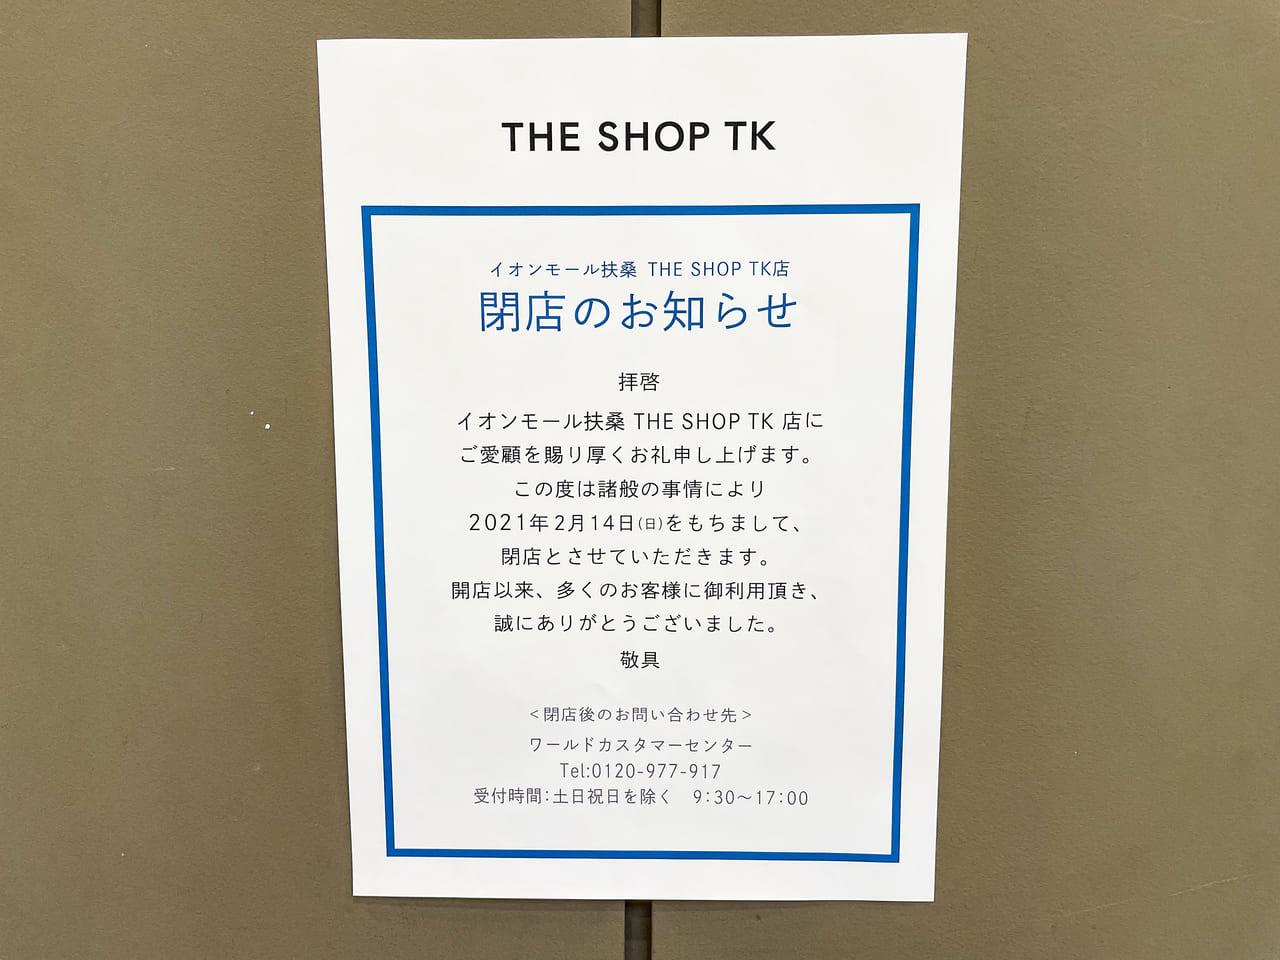 THE SHOP TK イオンモール扶桑閉店